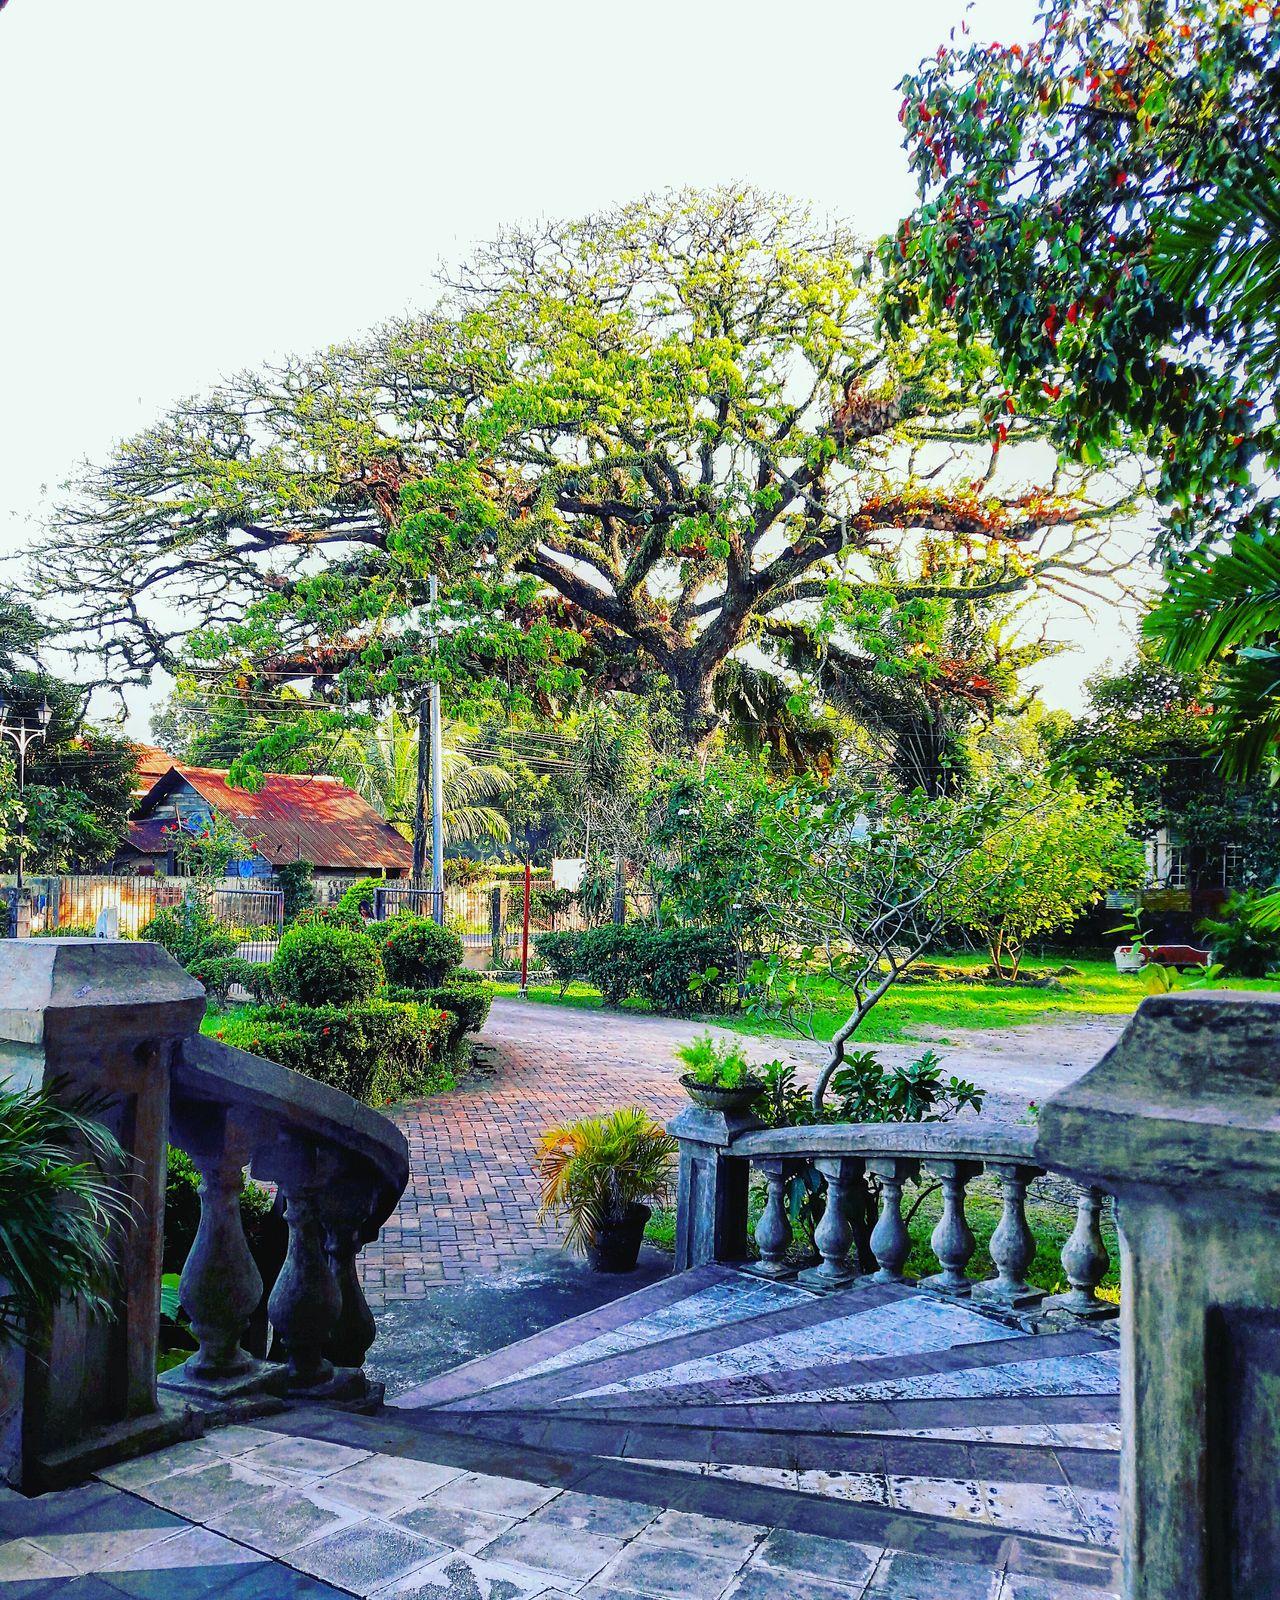 Old tree.Tree Acacia Tree Acacia BalayNegrense Balay Negrense Garden